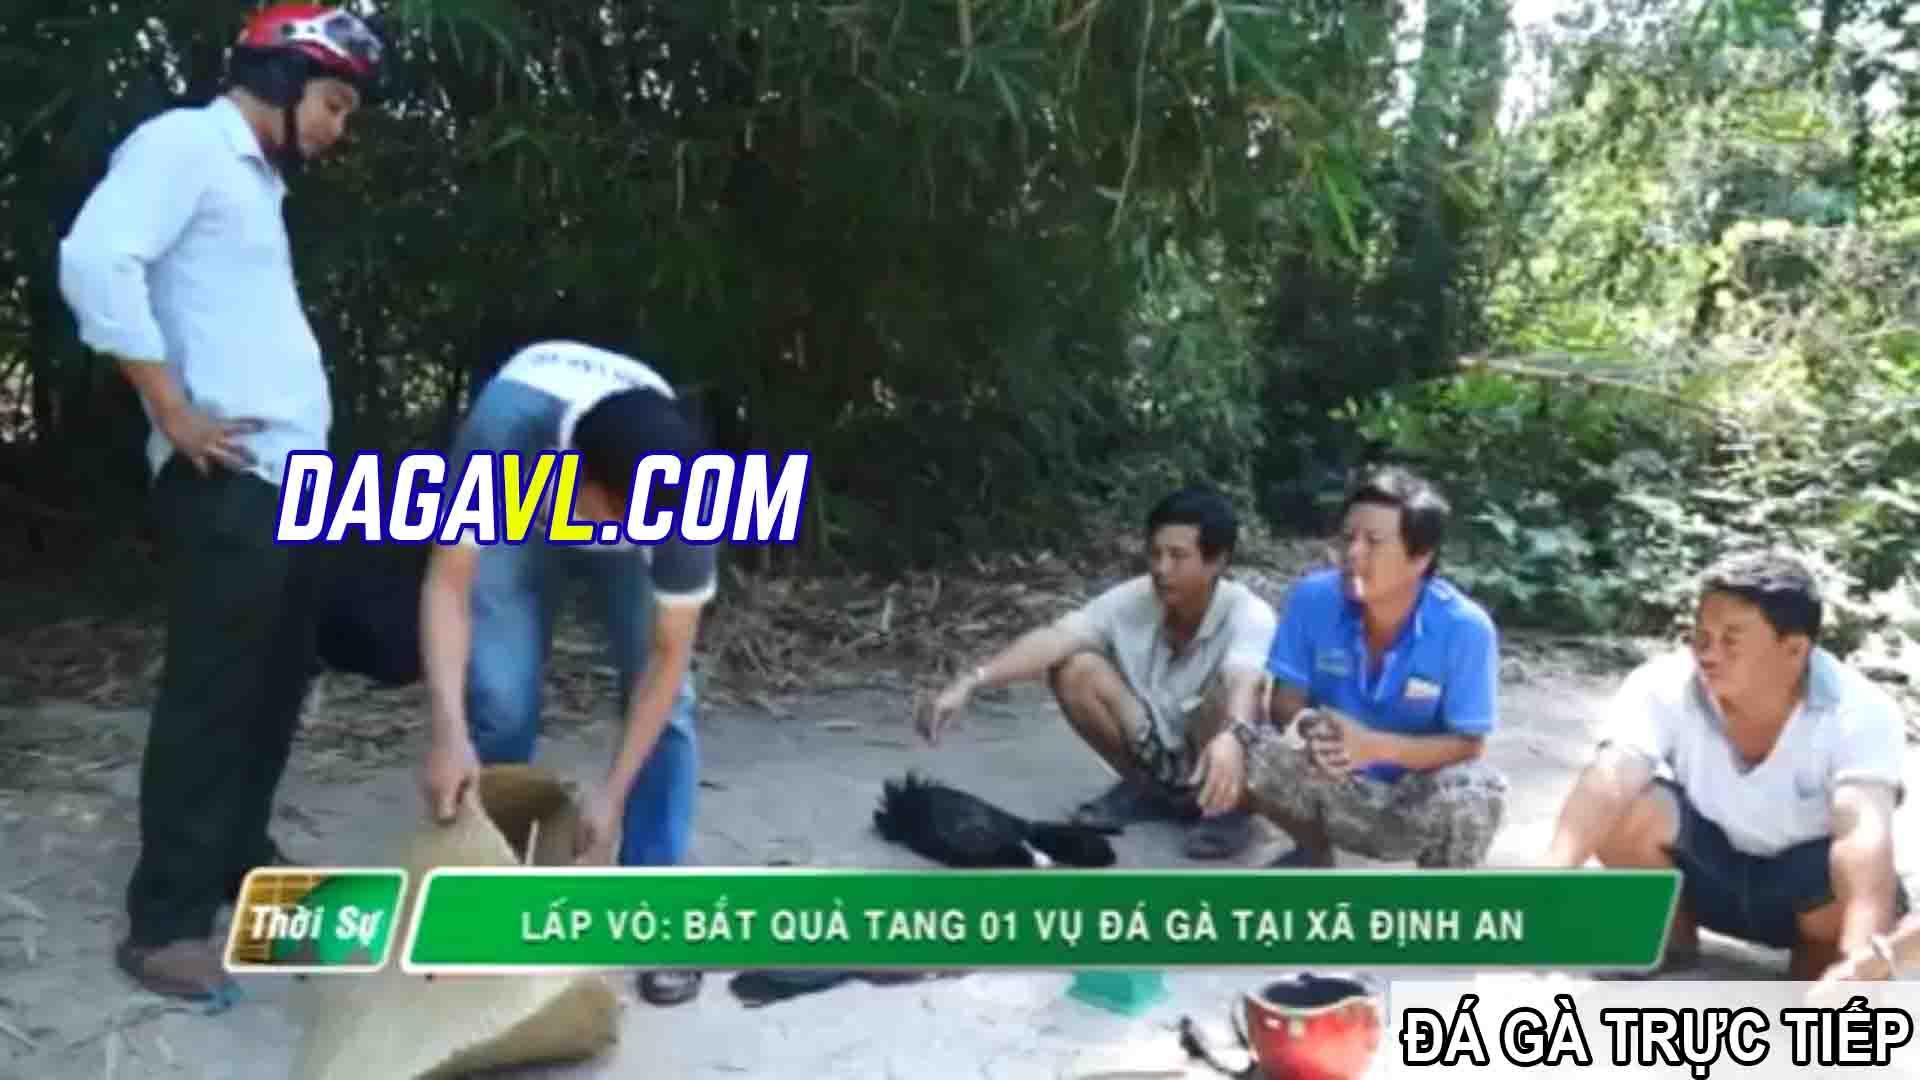 DAGAVL.COM - đá gà trực tiếp. Hiện trường bắt 40 đối tượng đá gà ăn tiền tại Gò Công Đông